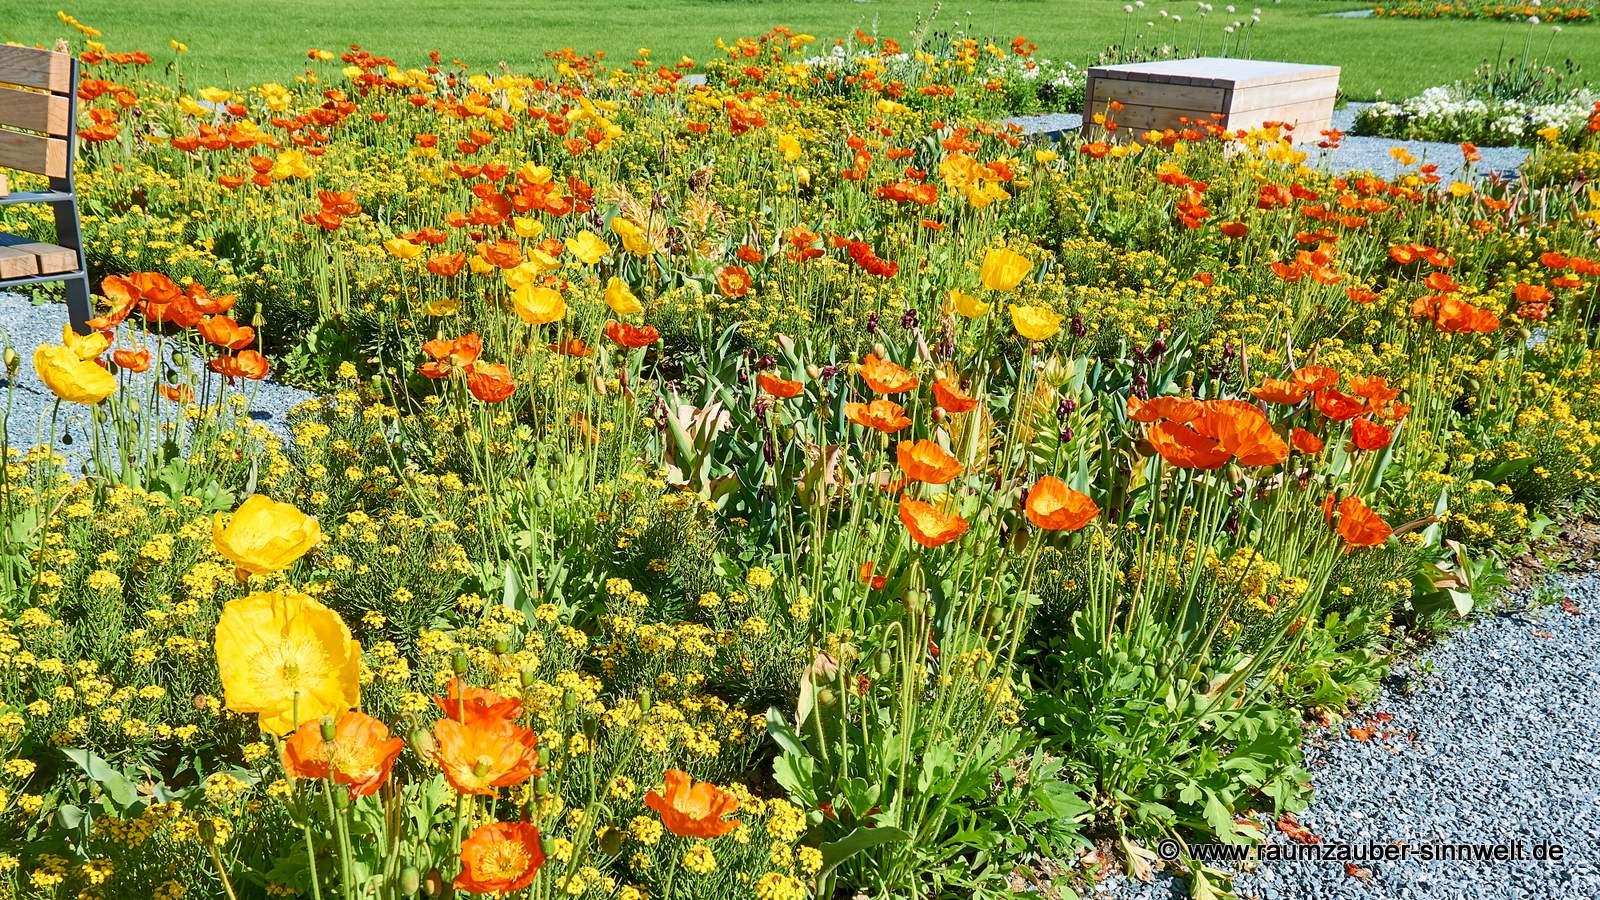 Sommerlich blühende Mohnwiese